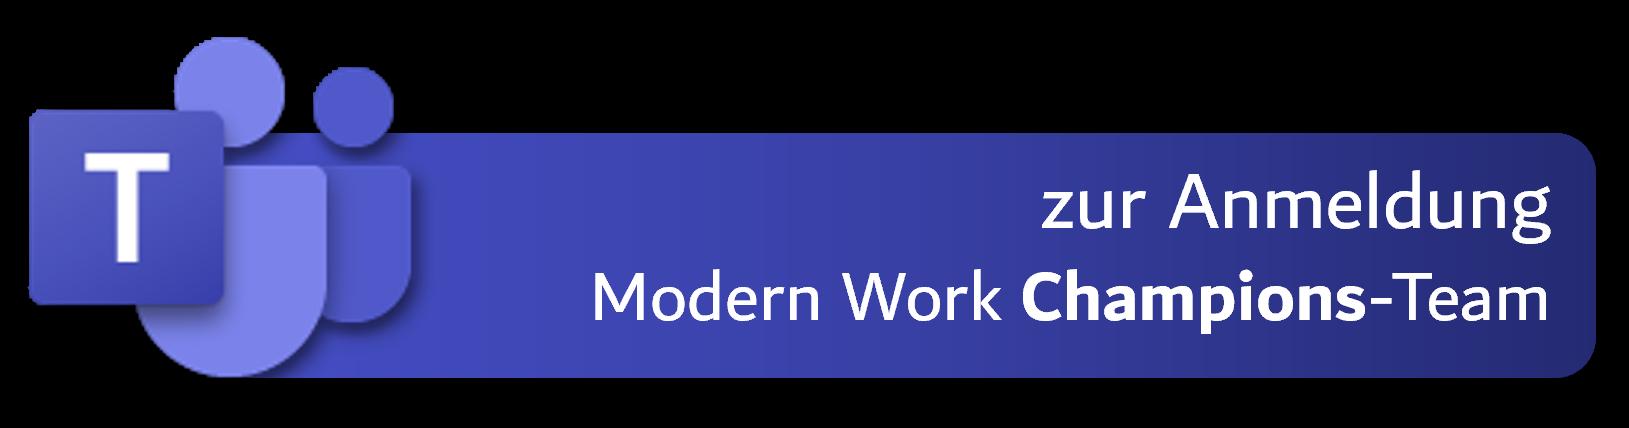 Button zur Anmeldung Modern Work Champions-Team